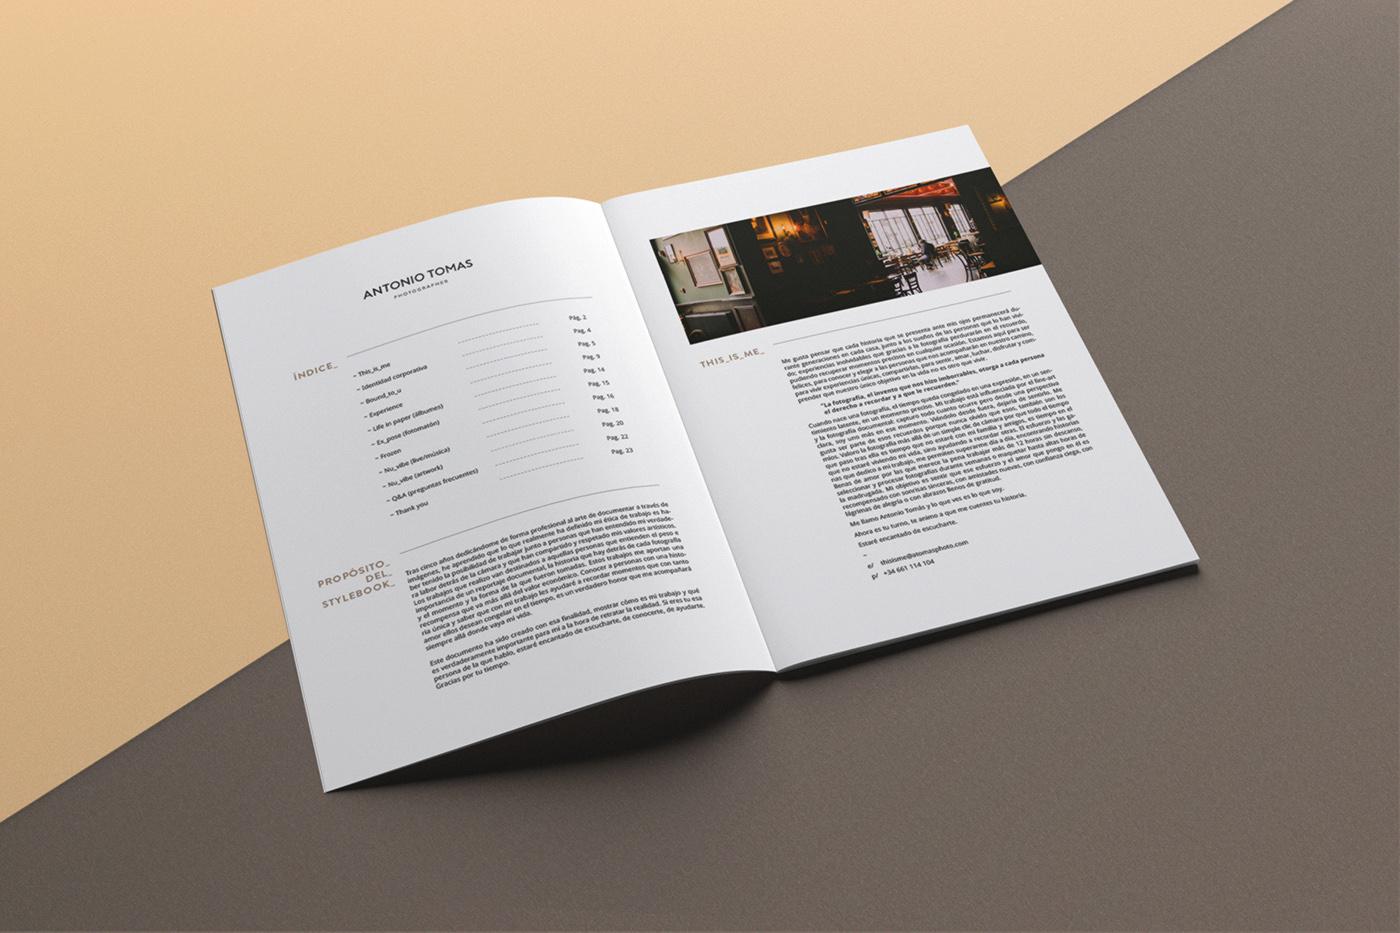 Antonio Tomas stylebook 1